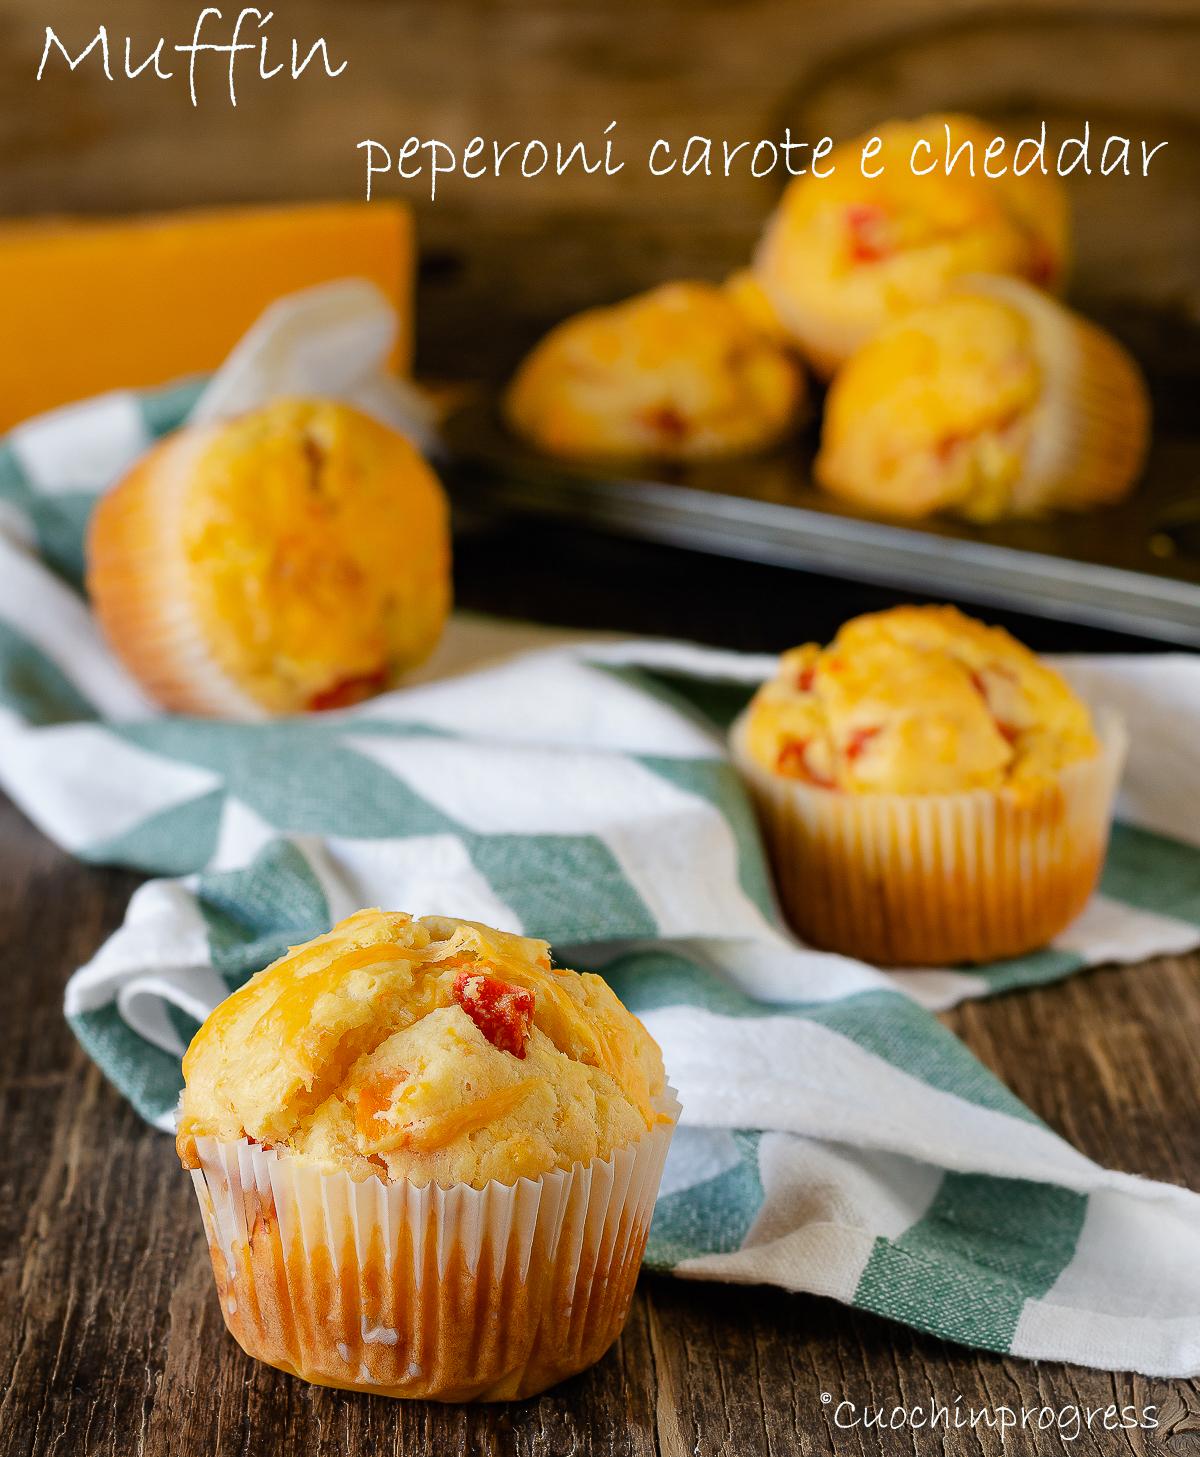 muffin peperoni carote e cheddar